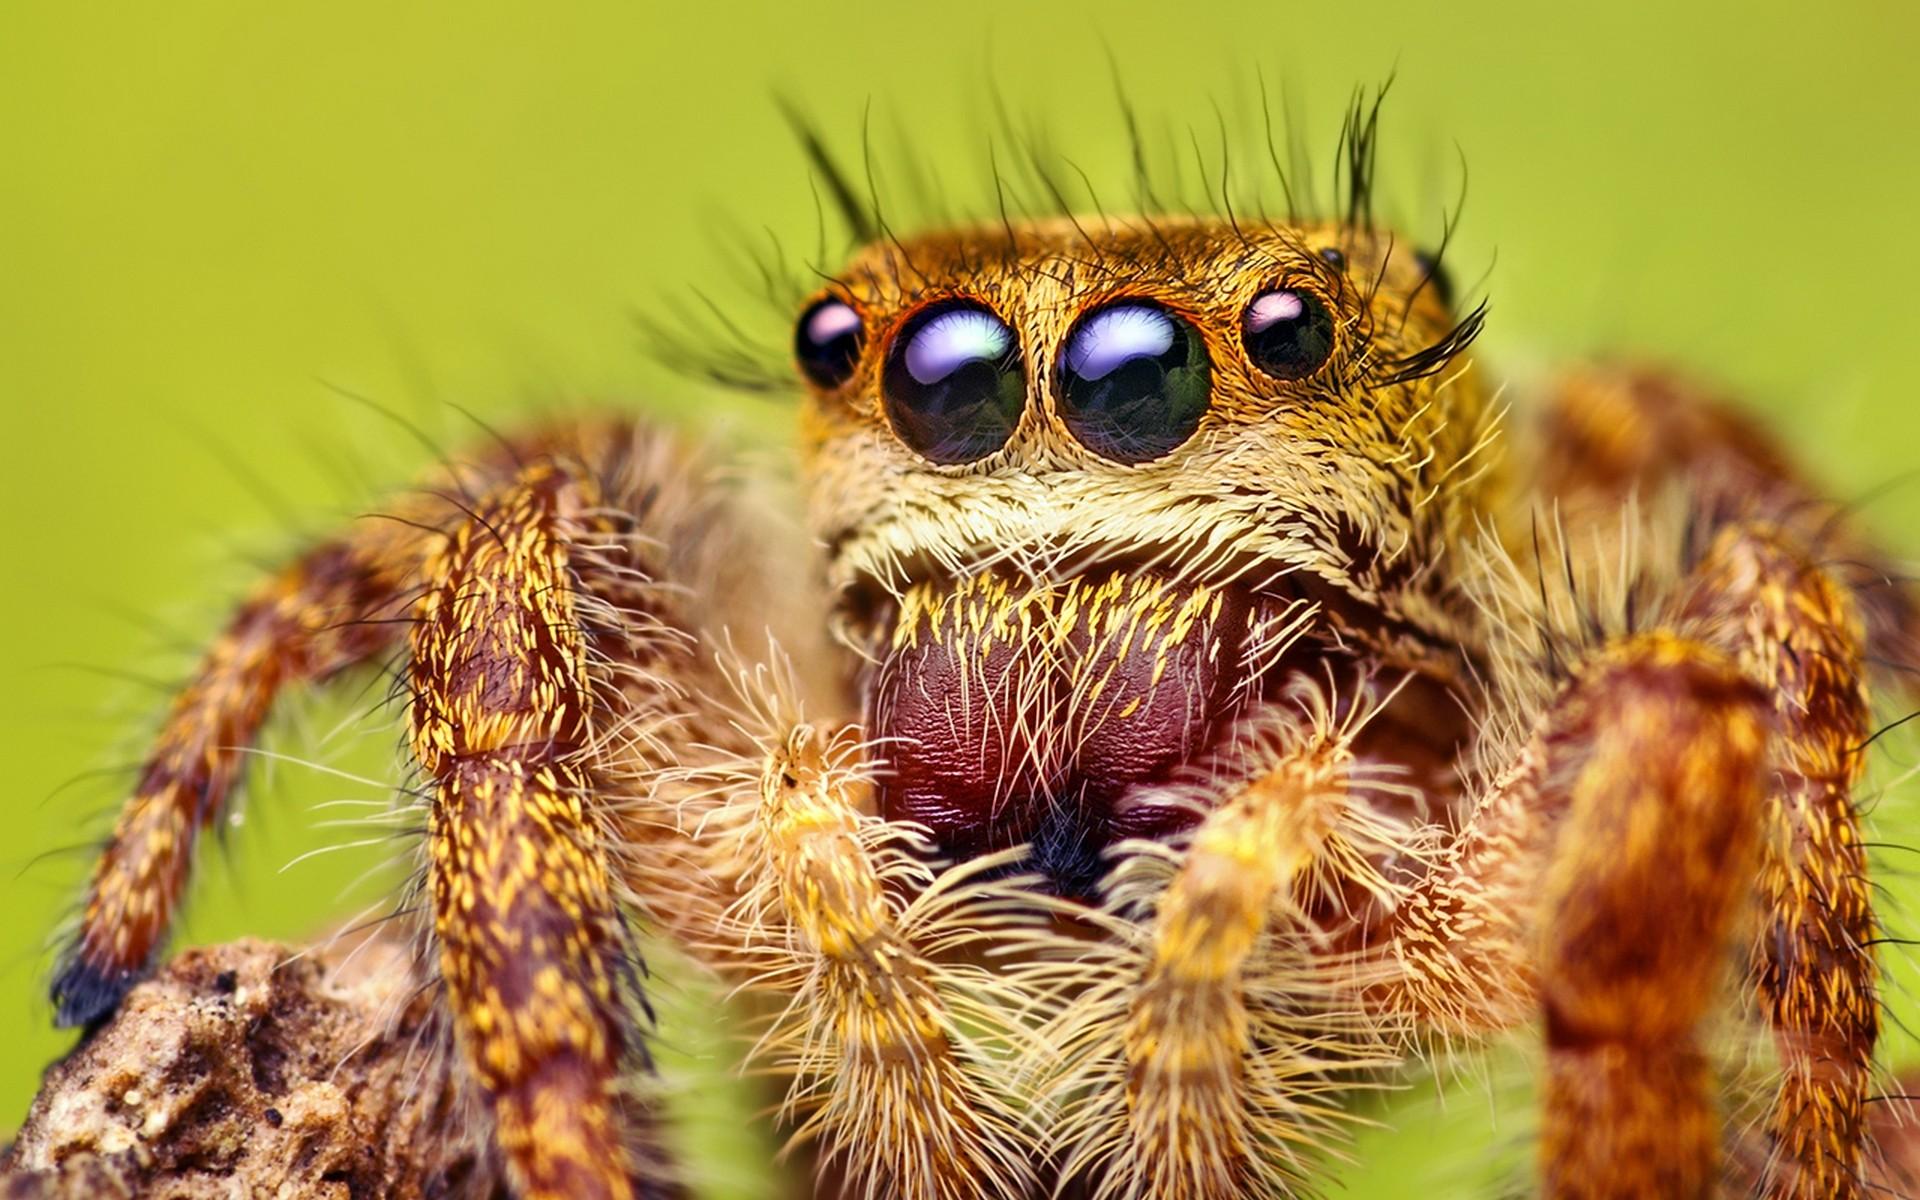 Una araña con varios ojos - 1920x1200